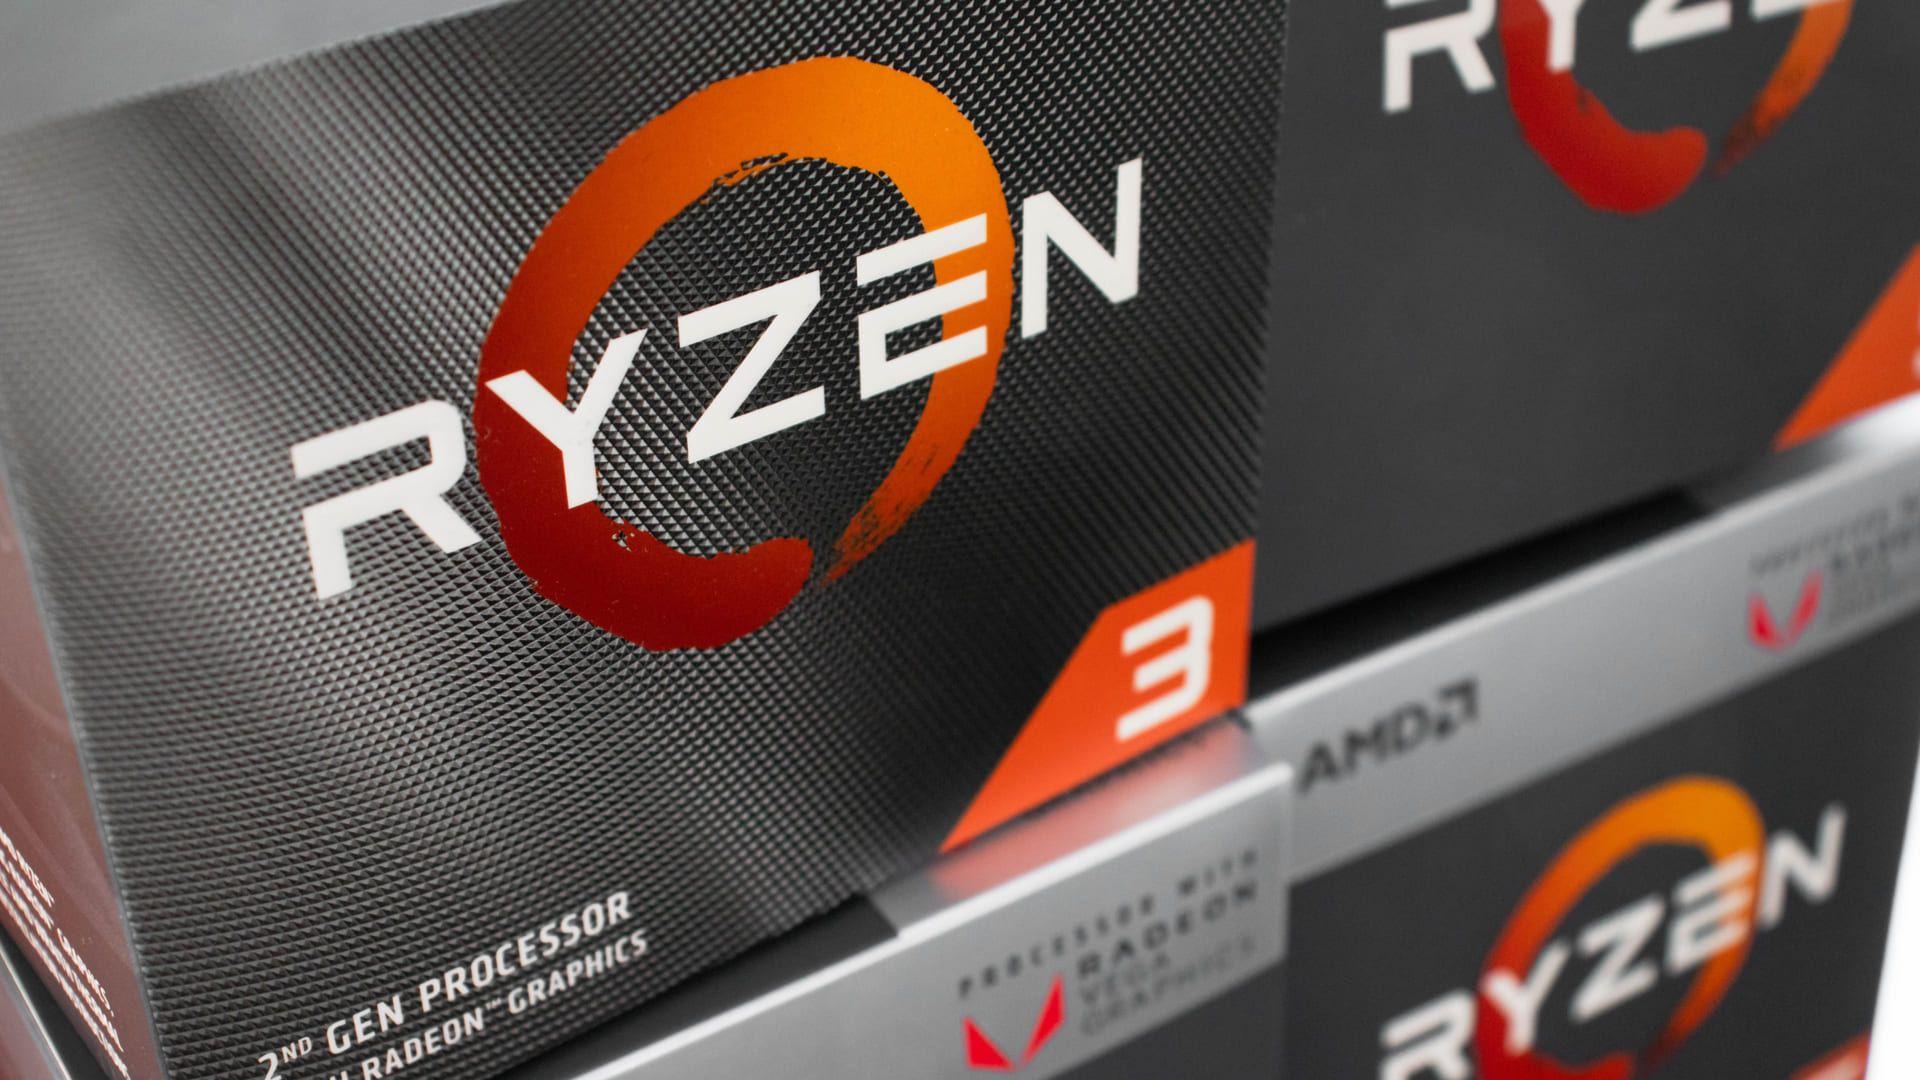 O AMD Ryzen 3 2200G vem equipado com a placa de vídeo integrada Vega 8 (Foto: Divulgação/Shutterstock)